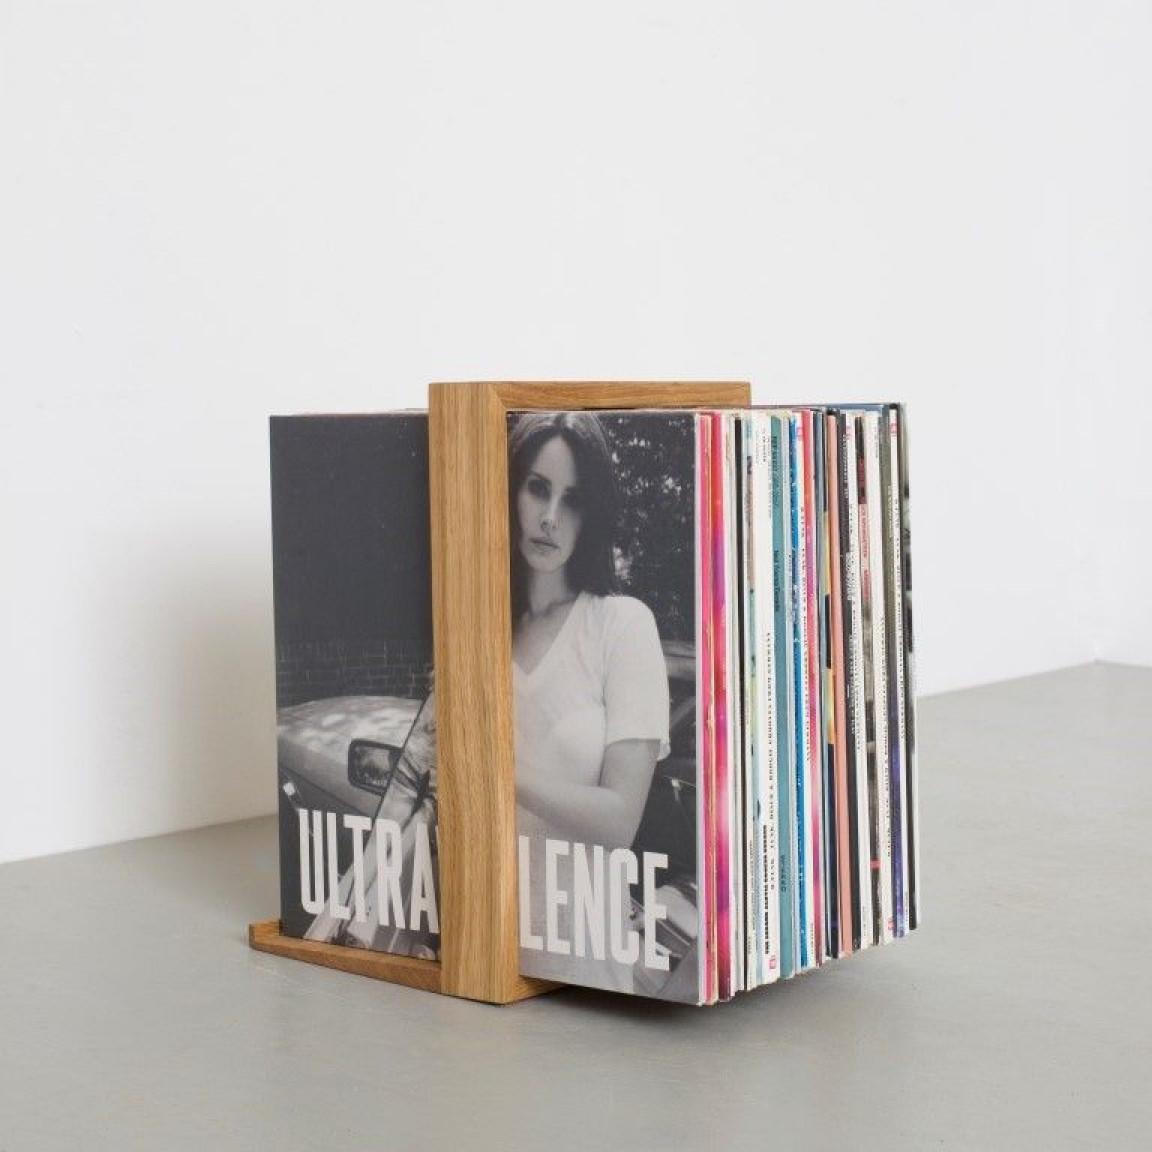 Vinyl Rack b-seite-b-seite 1: 260 x 350 x 185 mm